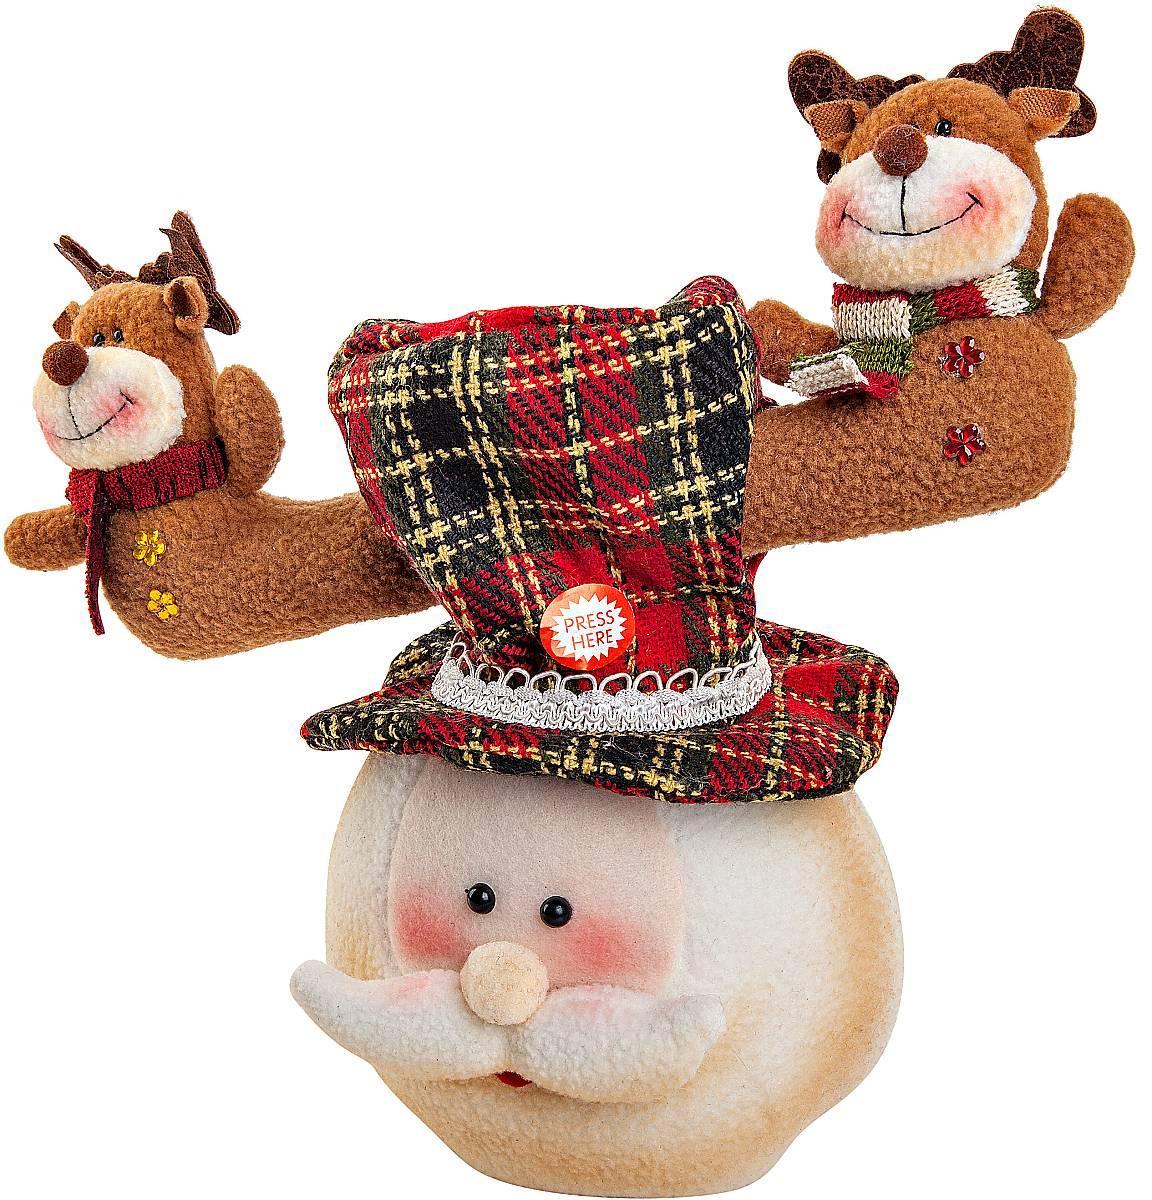 Игрушка новогодняя Mister Christmas Дед Мороз, электромеханическая, высота 30 смCHL-312SNНовогодняя пляшущая и поющая игрушка Mister Christmas Дед Мороз послужит оригинальным подарком в преддверии Нового года. Внешний вид сувенира весьма незатейлив. Изделие выполнено в виде головы Деда Мороза с колпаком, дополнением служат рога с фигурами оленей. При нажатии на эти рожки игрушка начинает двигаться в такт песни. Несмотря на столь ритмичные движения, механизм игрушки прослужит очень и очень долго. Все материалы, входящие в состав игрушки, прошли тщательные проверки и отличаются высочайшим качеством. Так же стоит отметить и то, что все материалы экологичны и безопасны. Работает от батареек (входят в комплект). Собираясь на празднование Нового года, прихватите с собой новогоднюю музыкальную игрушку Mister Christmas Дед Мороз, ведь это подарок, который говорит сам за себя! Высота игрушки: 30 см.